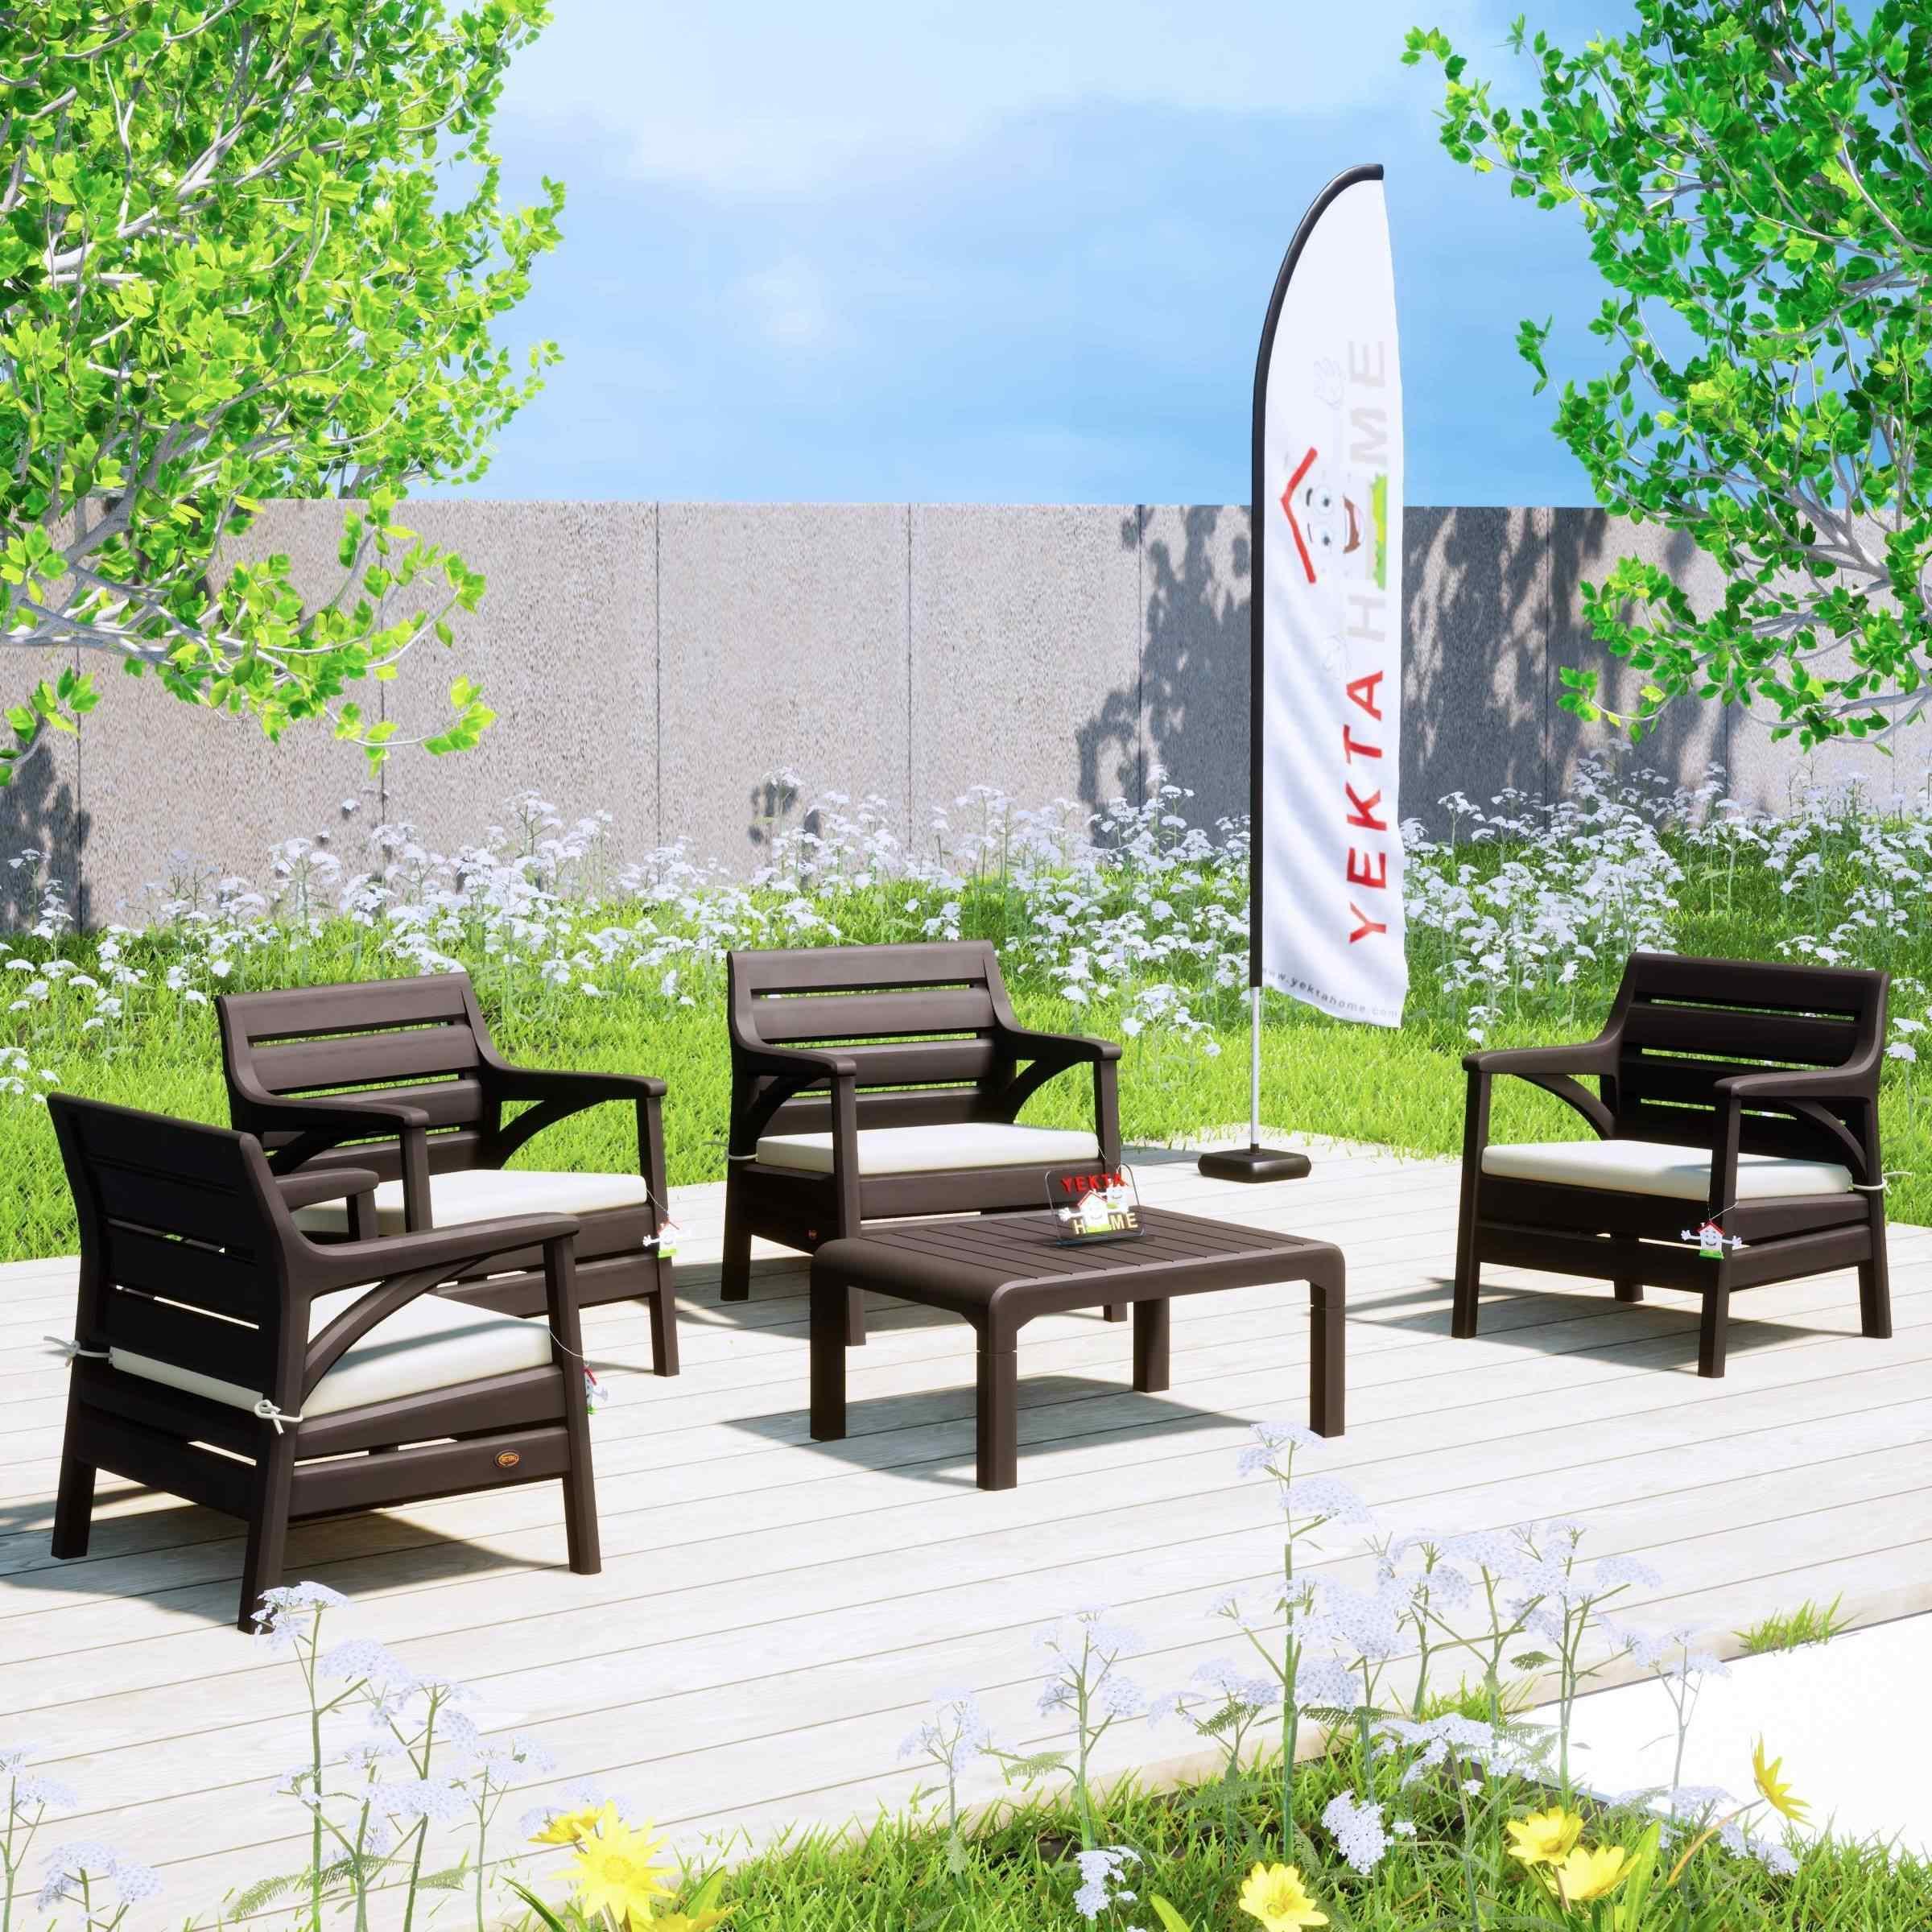 Holiday Madrid Bahçe Mobilyası Balkon Koltuk Takımı Kahverengi